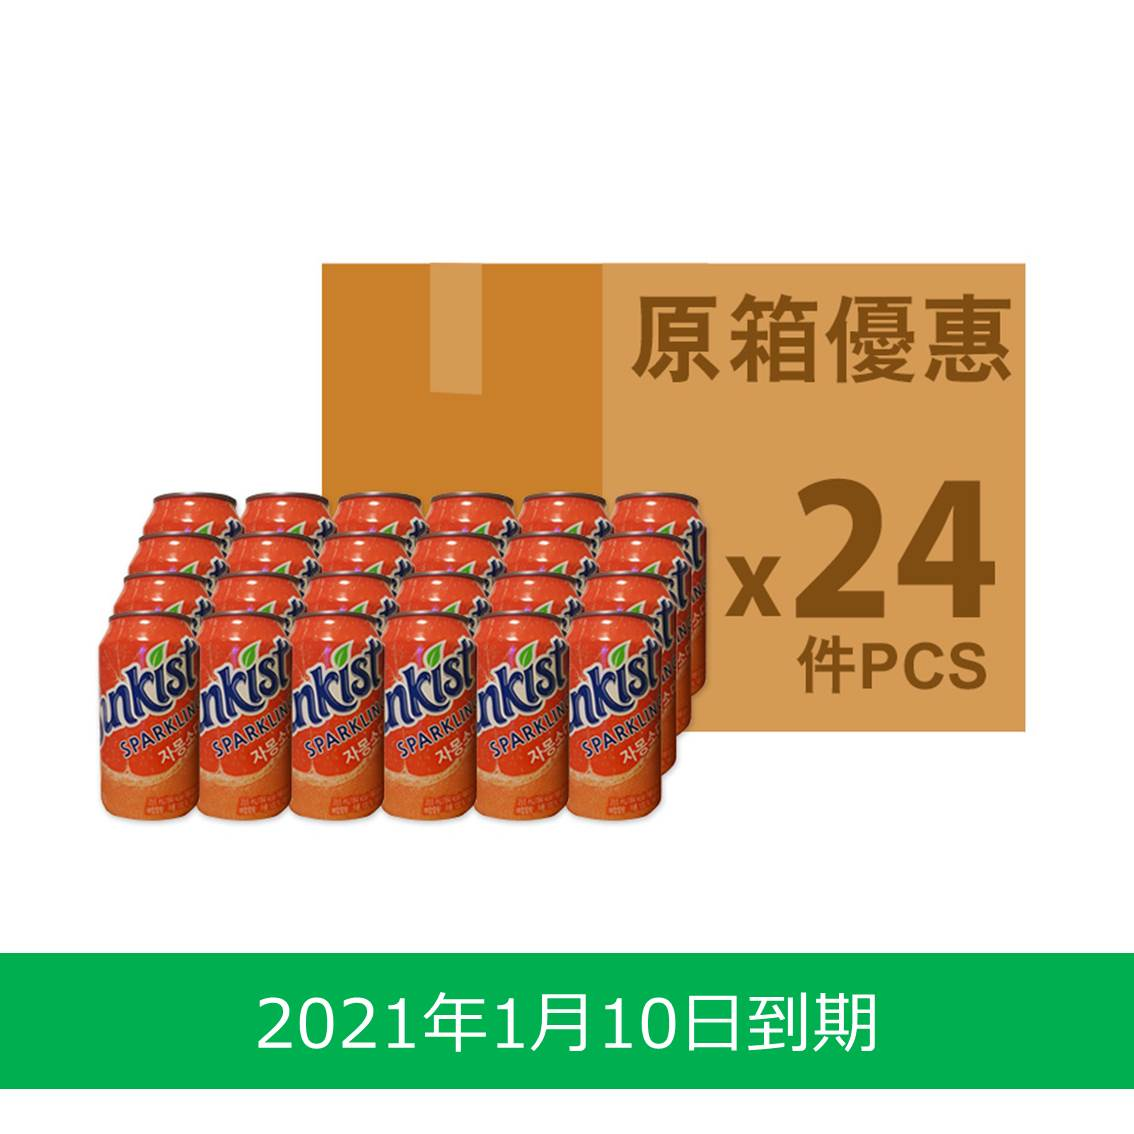 海太葡萄柚梳打汽水355ml(原箱)